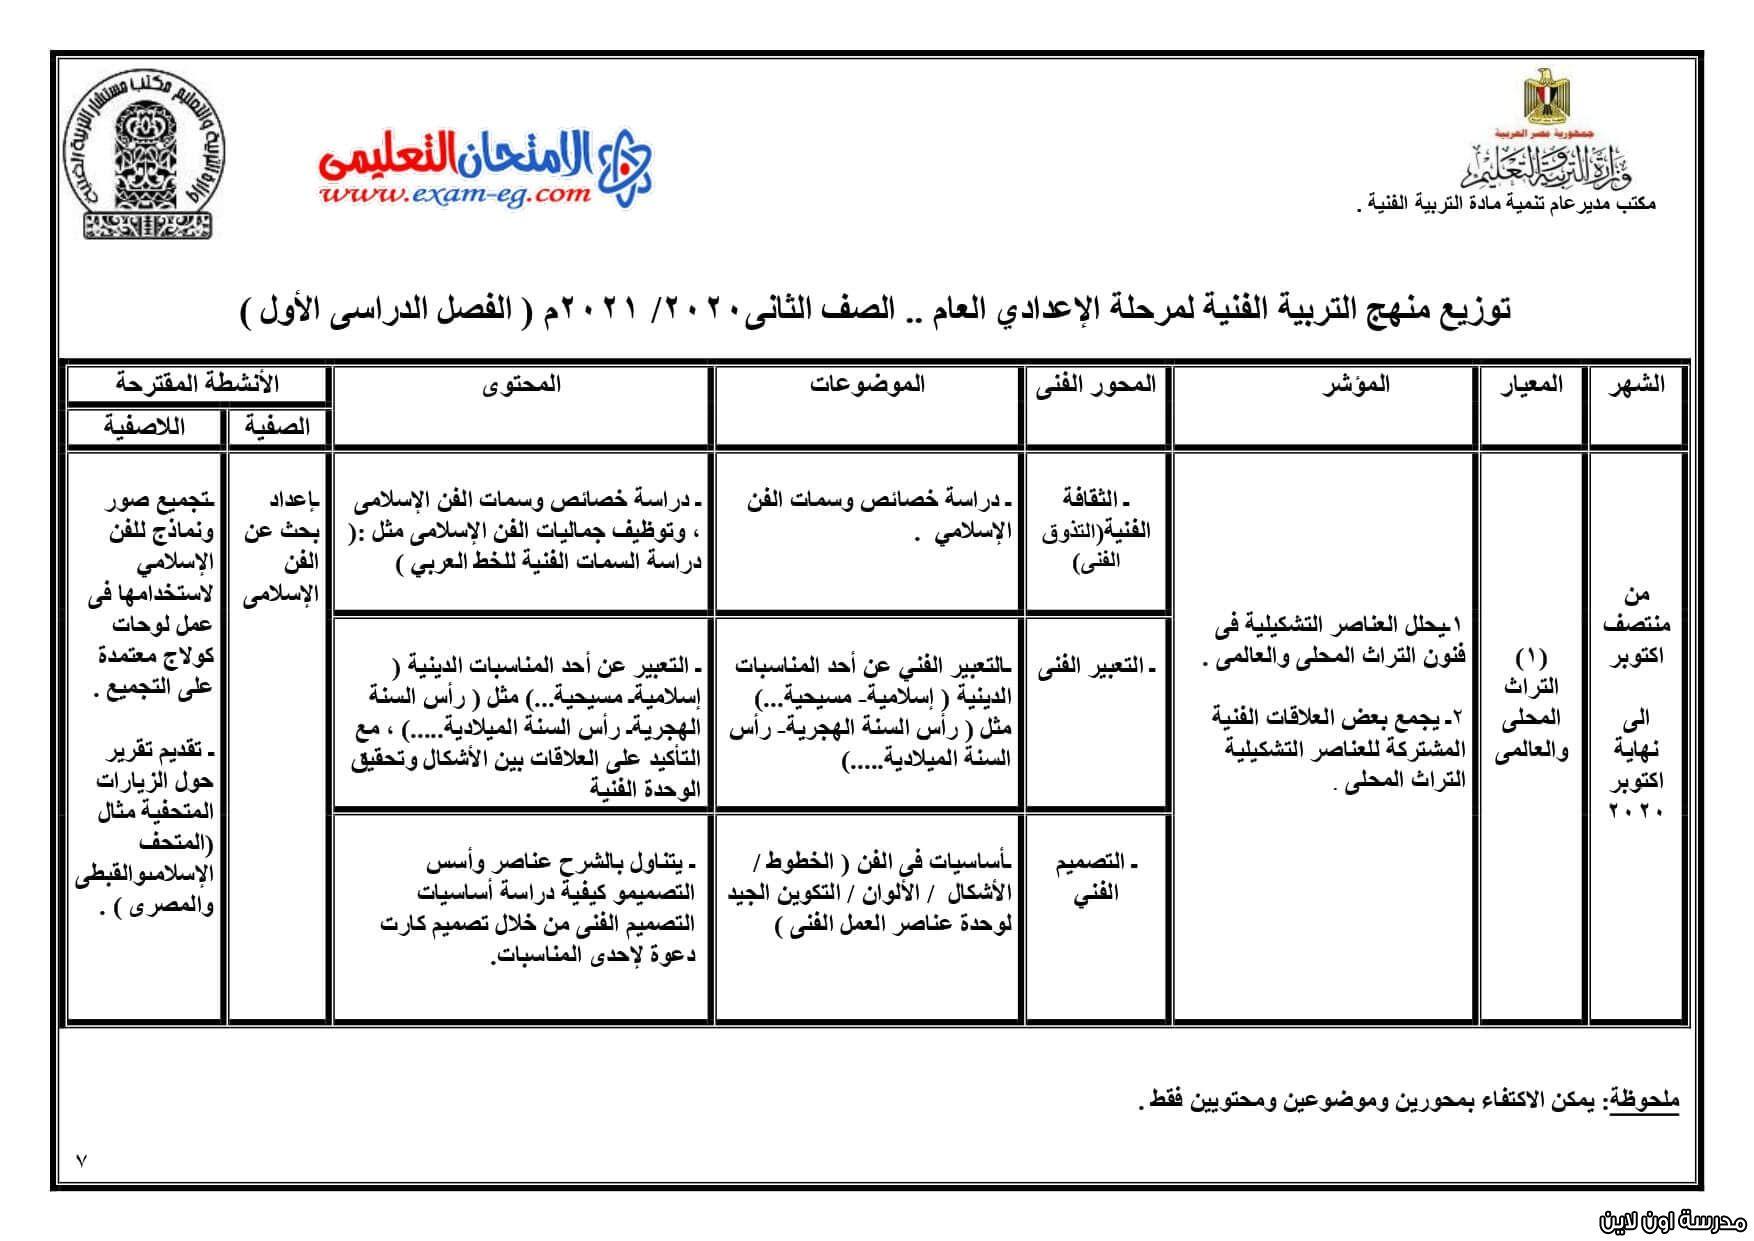 توزيع منهج التربية الفنية للصف الثاني الإعدادي الترم الأول 2021 Boarding Pass